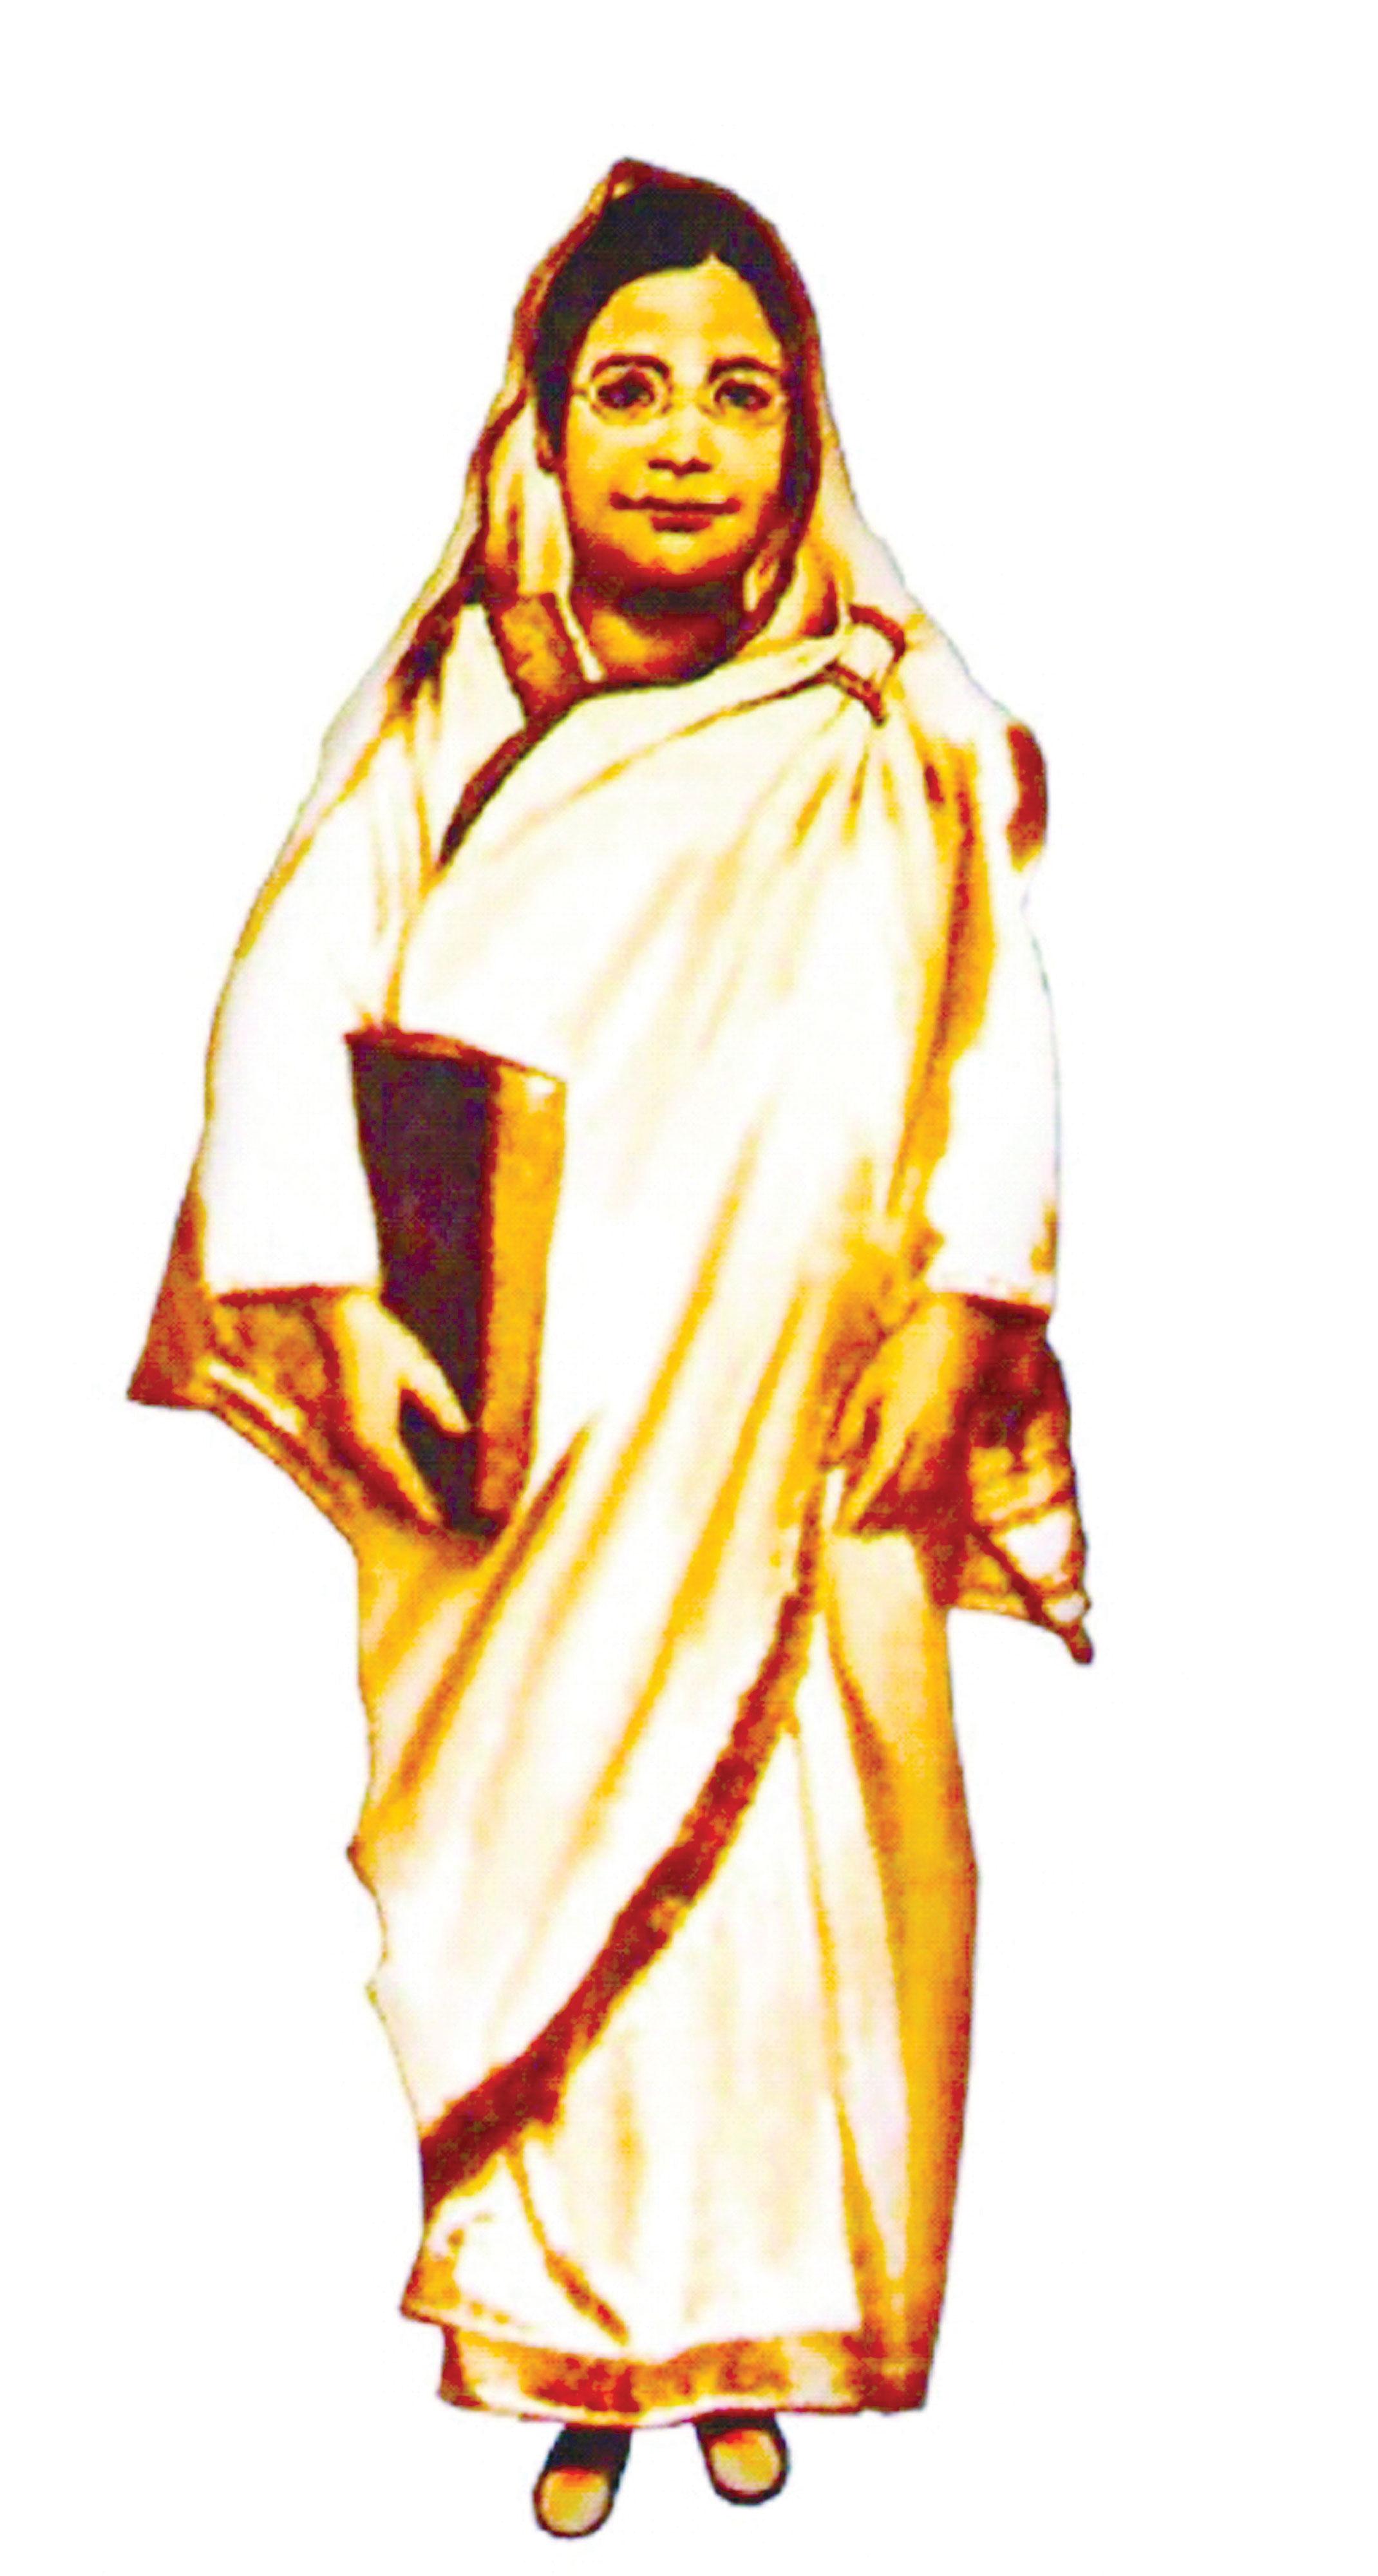 বেগম রোকেয়ার  সমাজ চিন্তা ও  সমাজ পরিবতের্নর সংগ্রাম